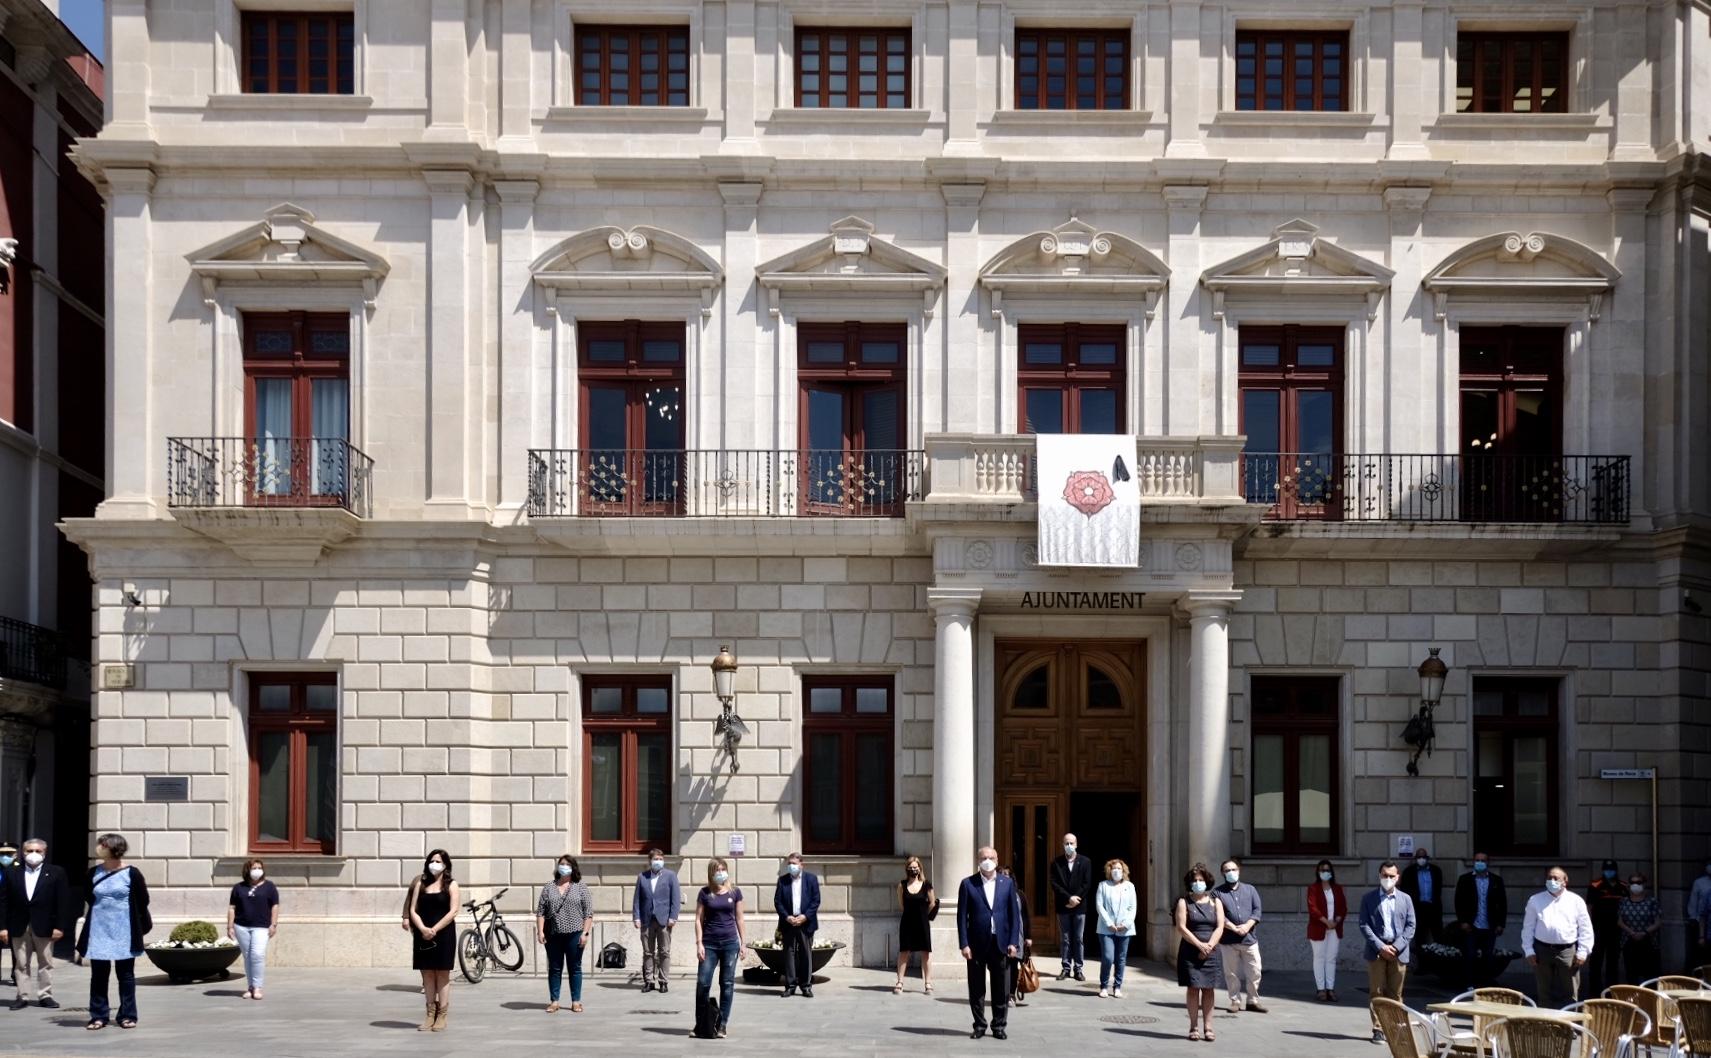 L'Ajuntament de Reus ha penjat la bandera de Reus amb un crespó negre al balcó principal del palau municipal, i farà un minut de silen...